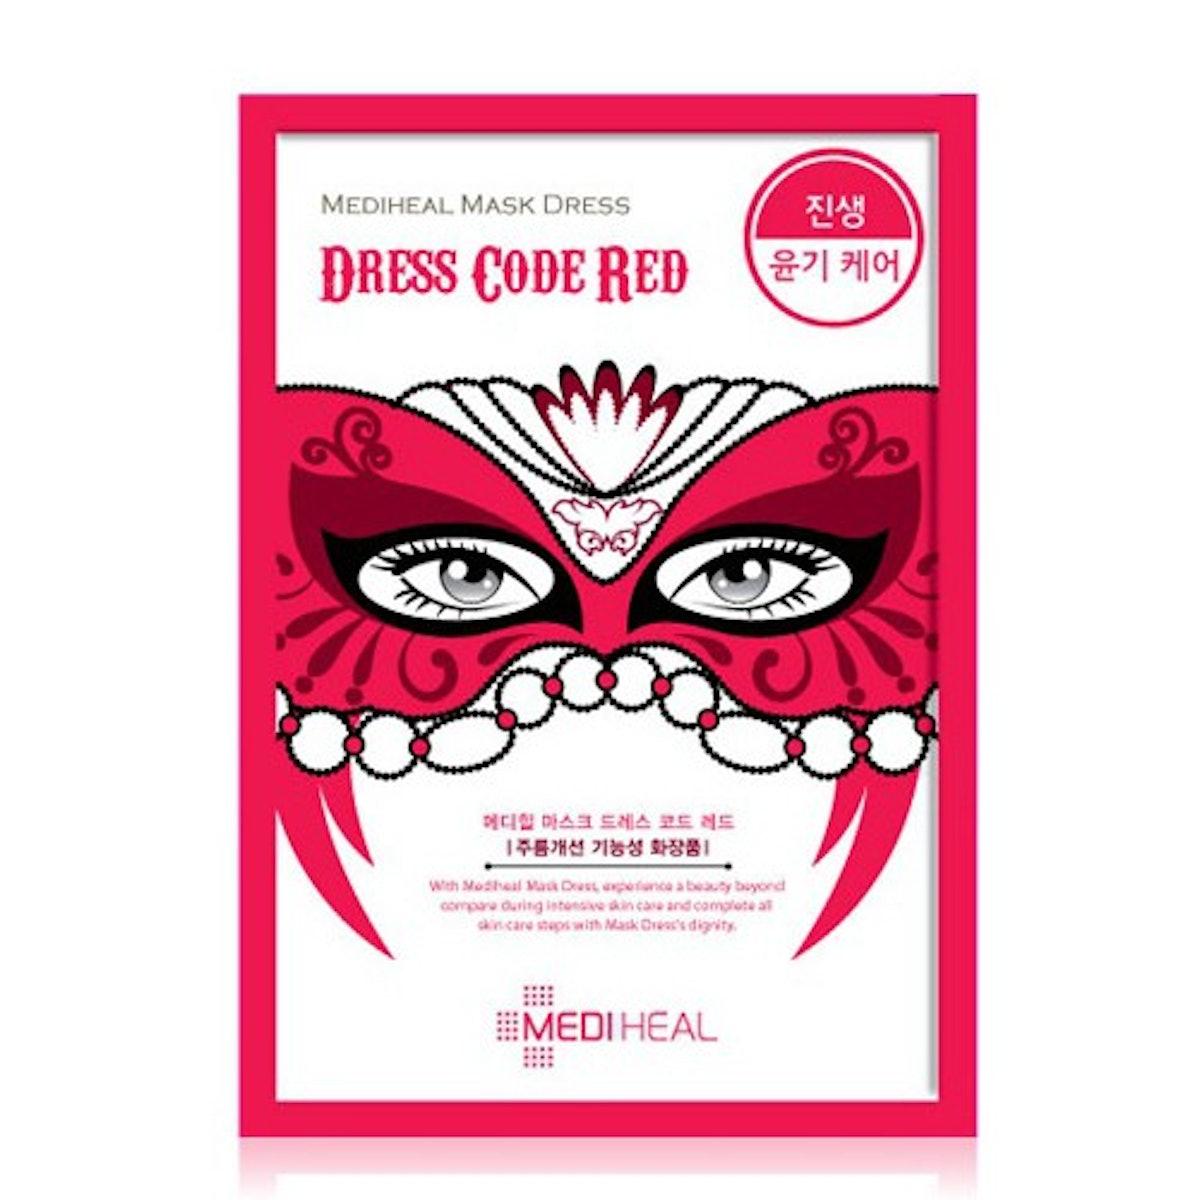 Mediheal Dress Code Red Mask